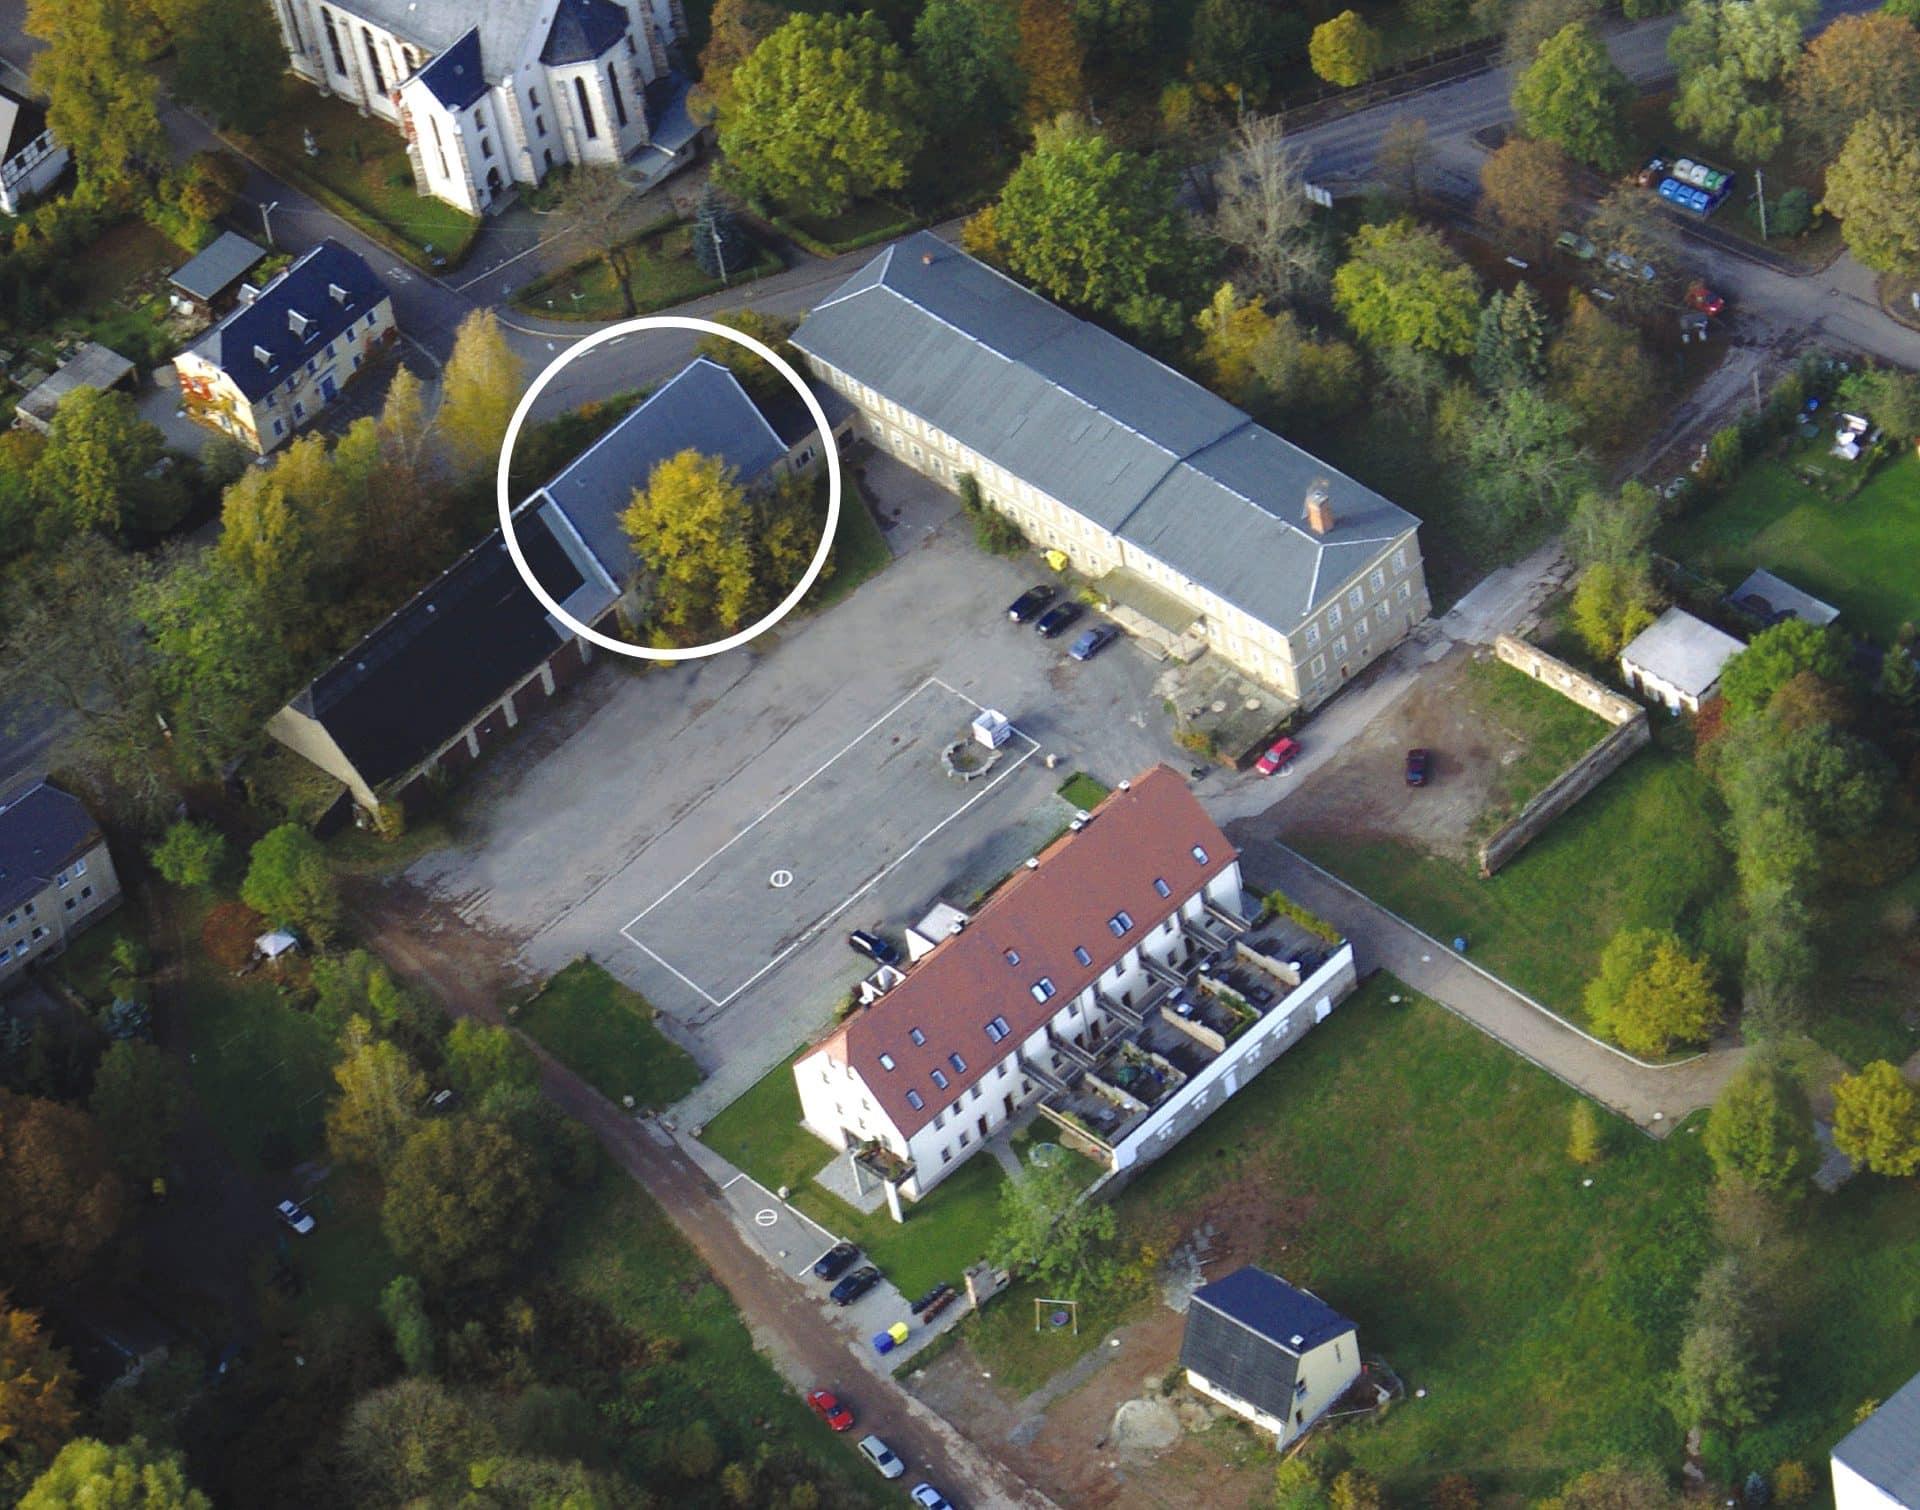 Ba Rabenstein Luftaufnahme Mit Kreis